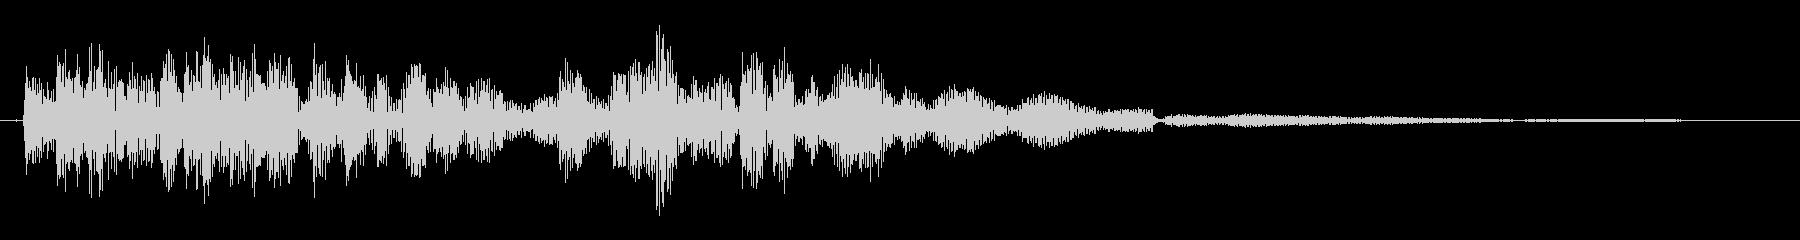 木琴を鳴らしている音の未再生の波形